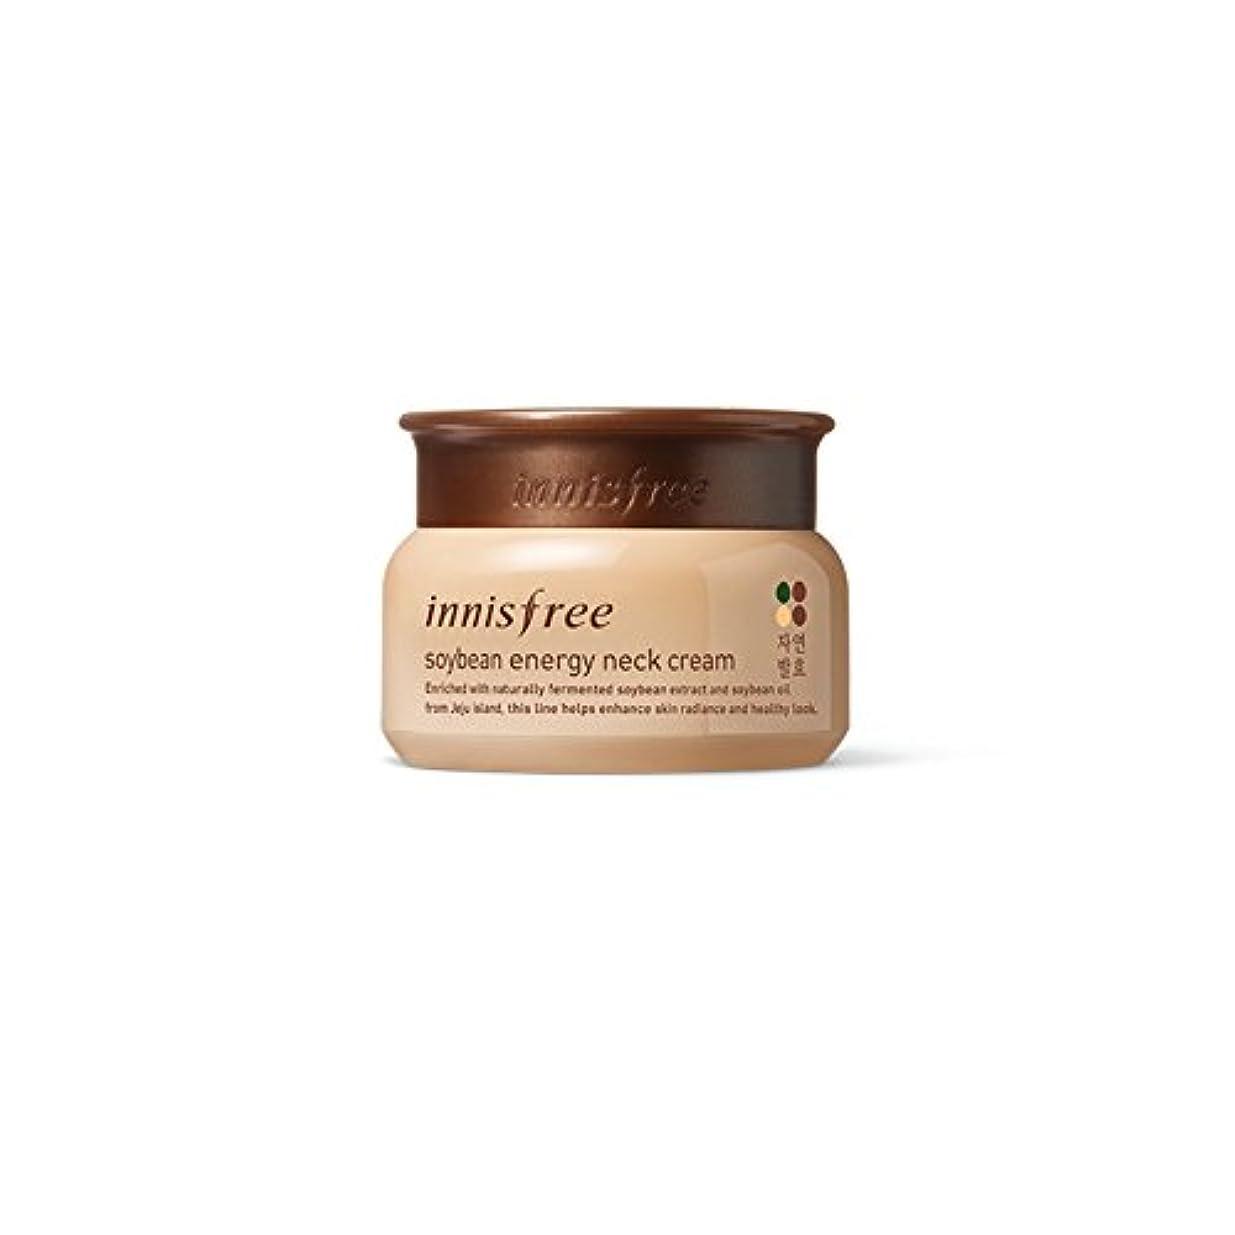 戻すショルダー終了する[イニスフリー] Innisfree 発酵大豆エネジネッククリーム (80ml) Innisfree Soy Bean Energy Neck Cream (80ml) [海外直送品]